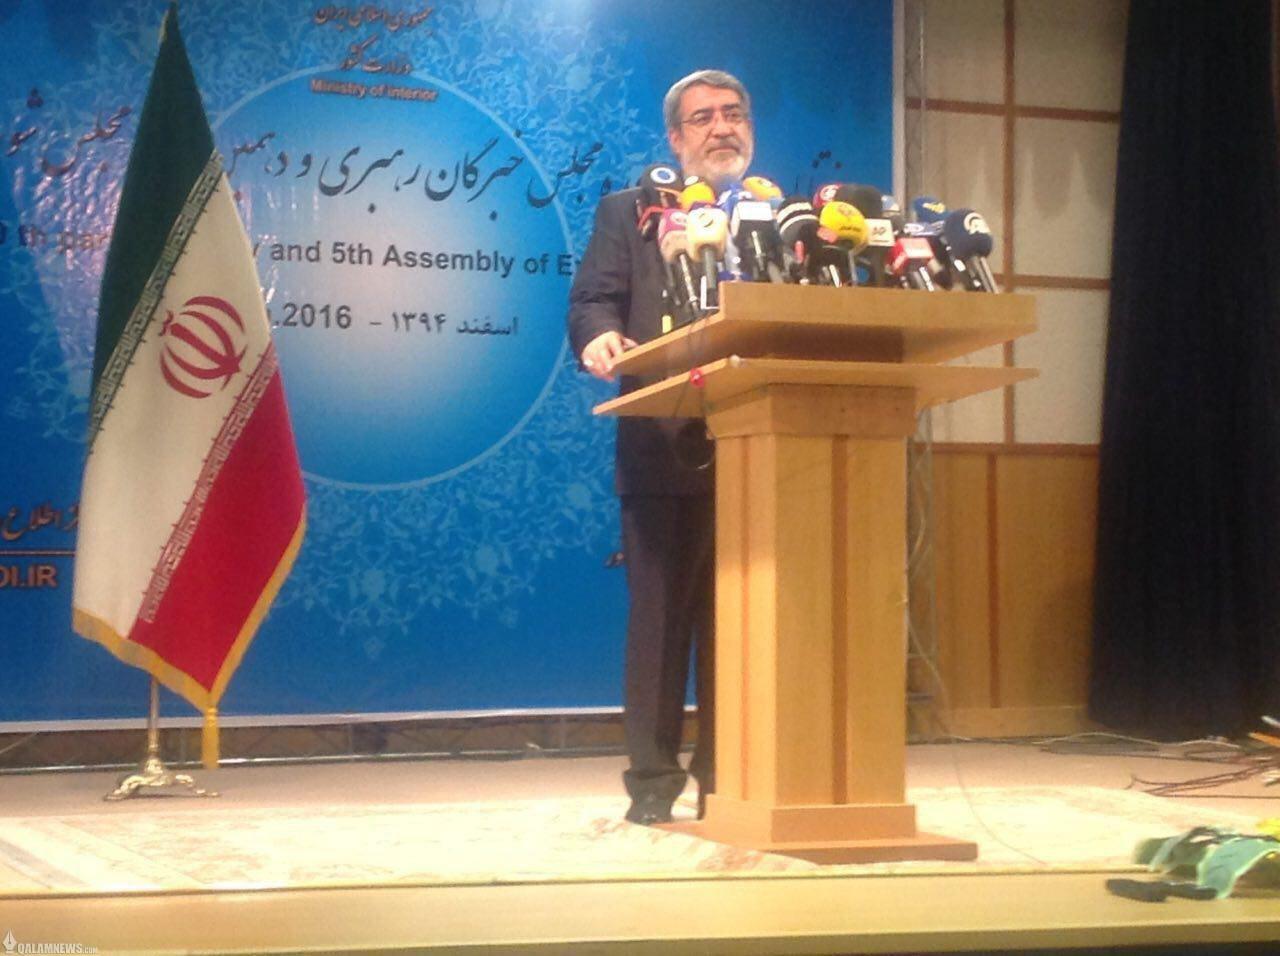 وزیر کشور:  همان ۳۰ نفر اعلام شده از تهران به مجلس راه یافتند